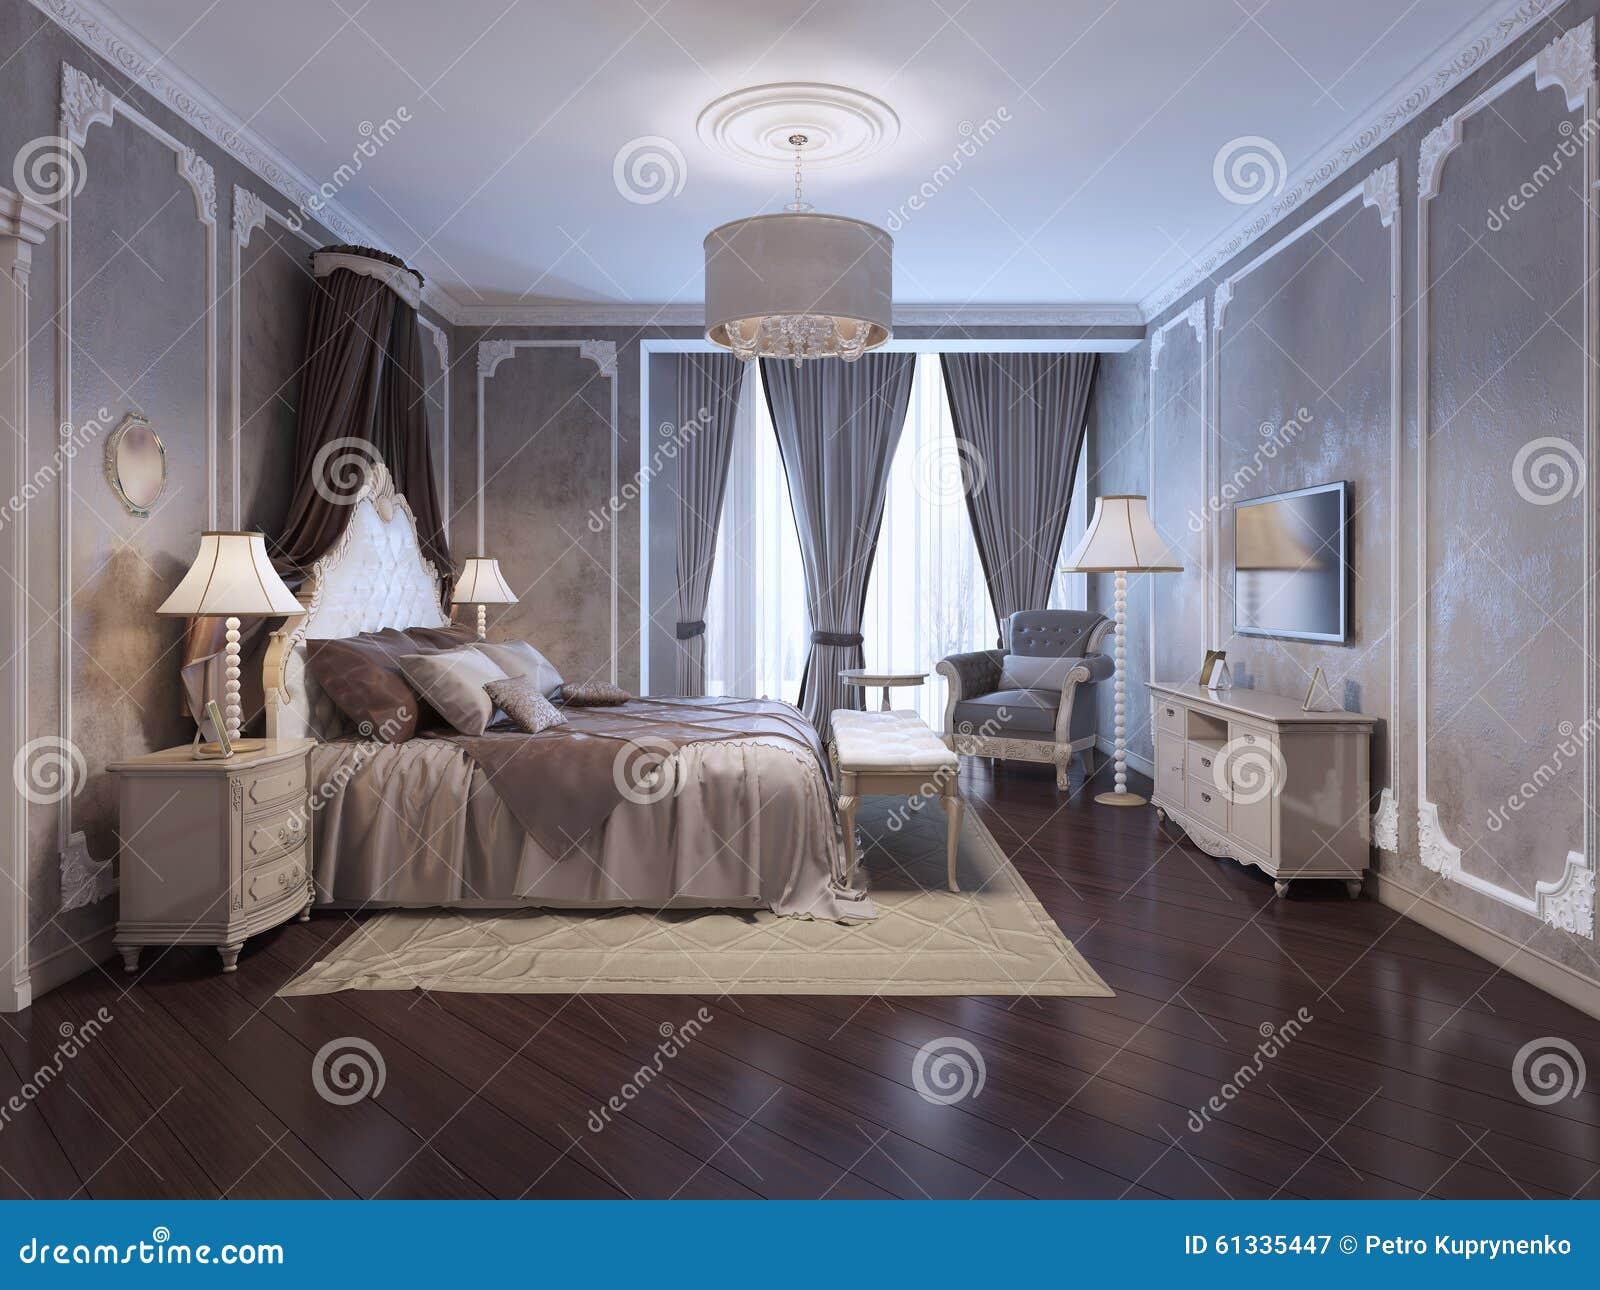 inspiration pour la chambre coucher dhtel de luxe photographie stock libre de droits - Chambre Dhotel De Luxe